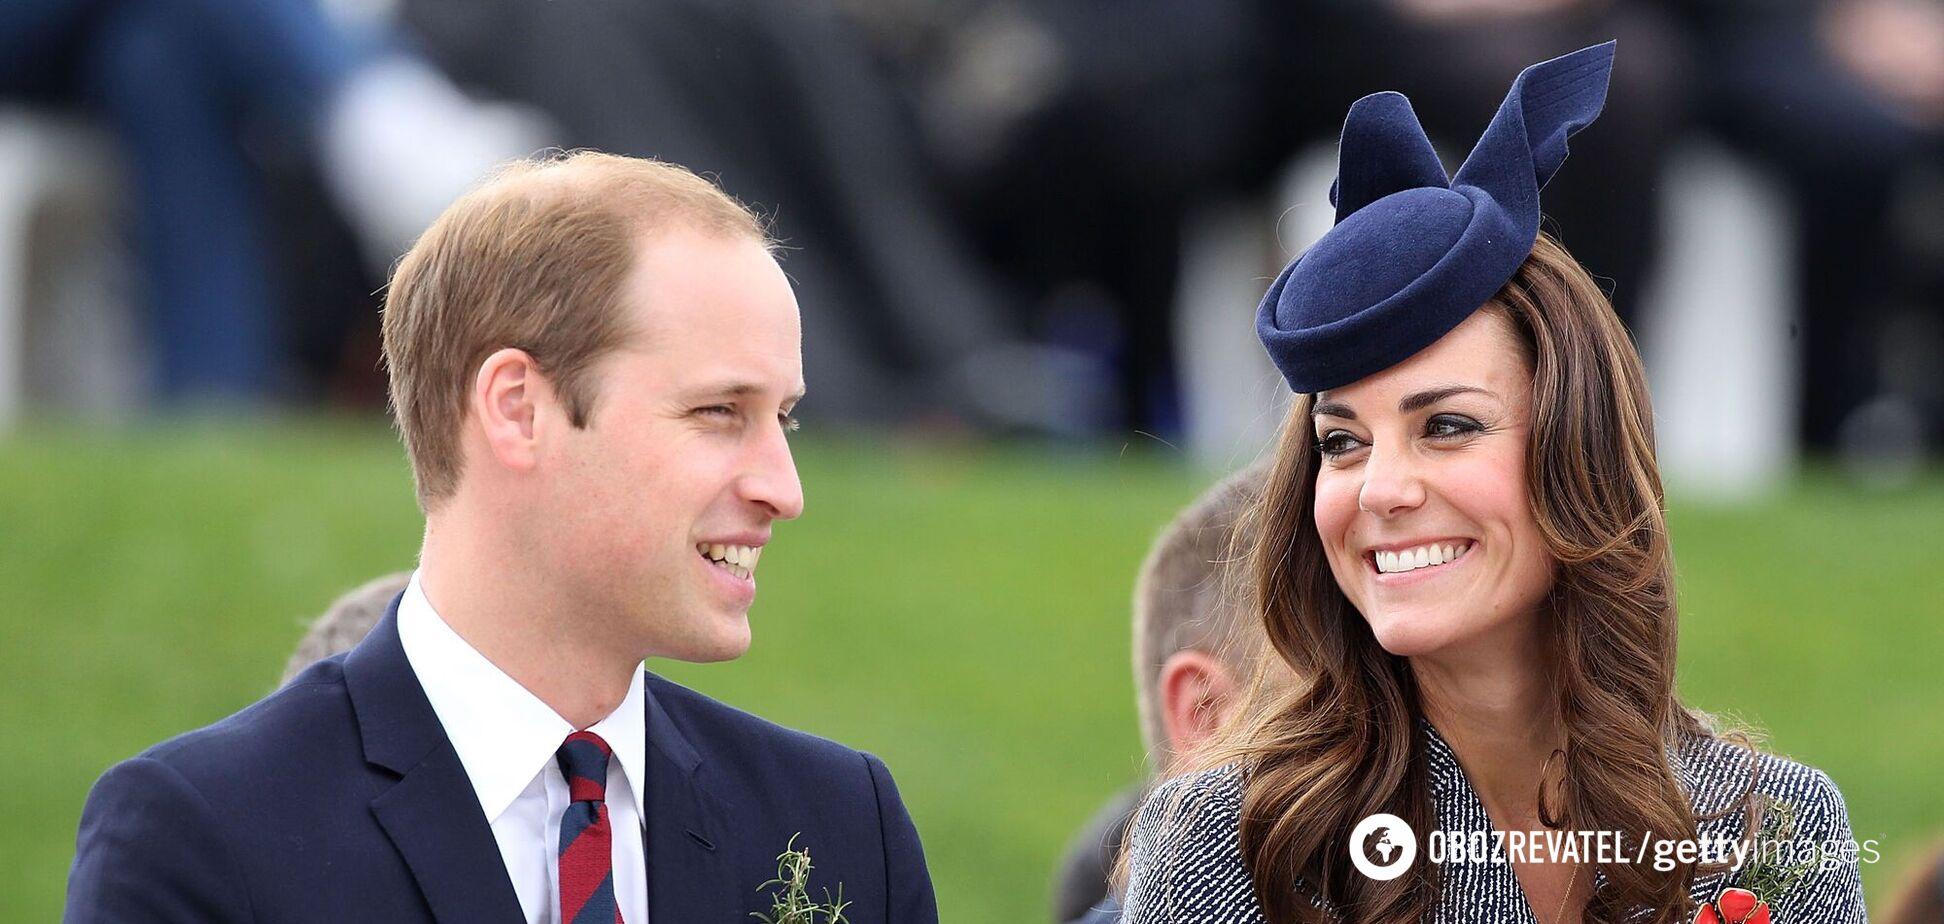 Кейт Миддлтон стала главной поддержкой для принца Уильяма